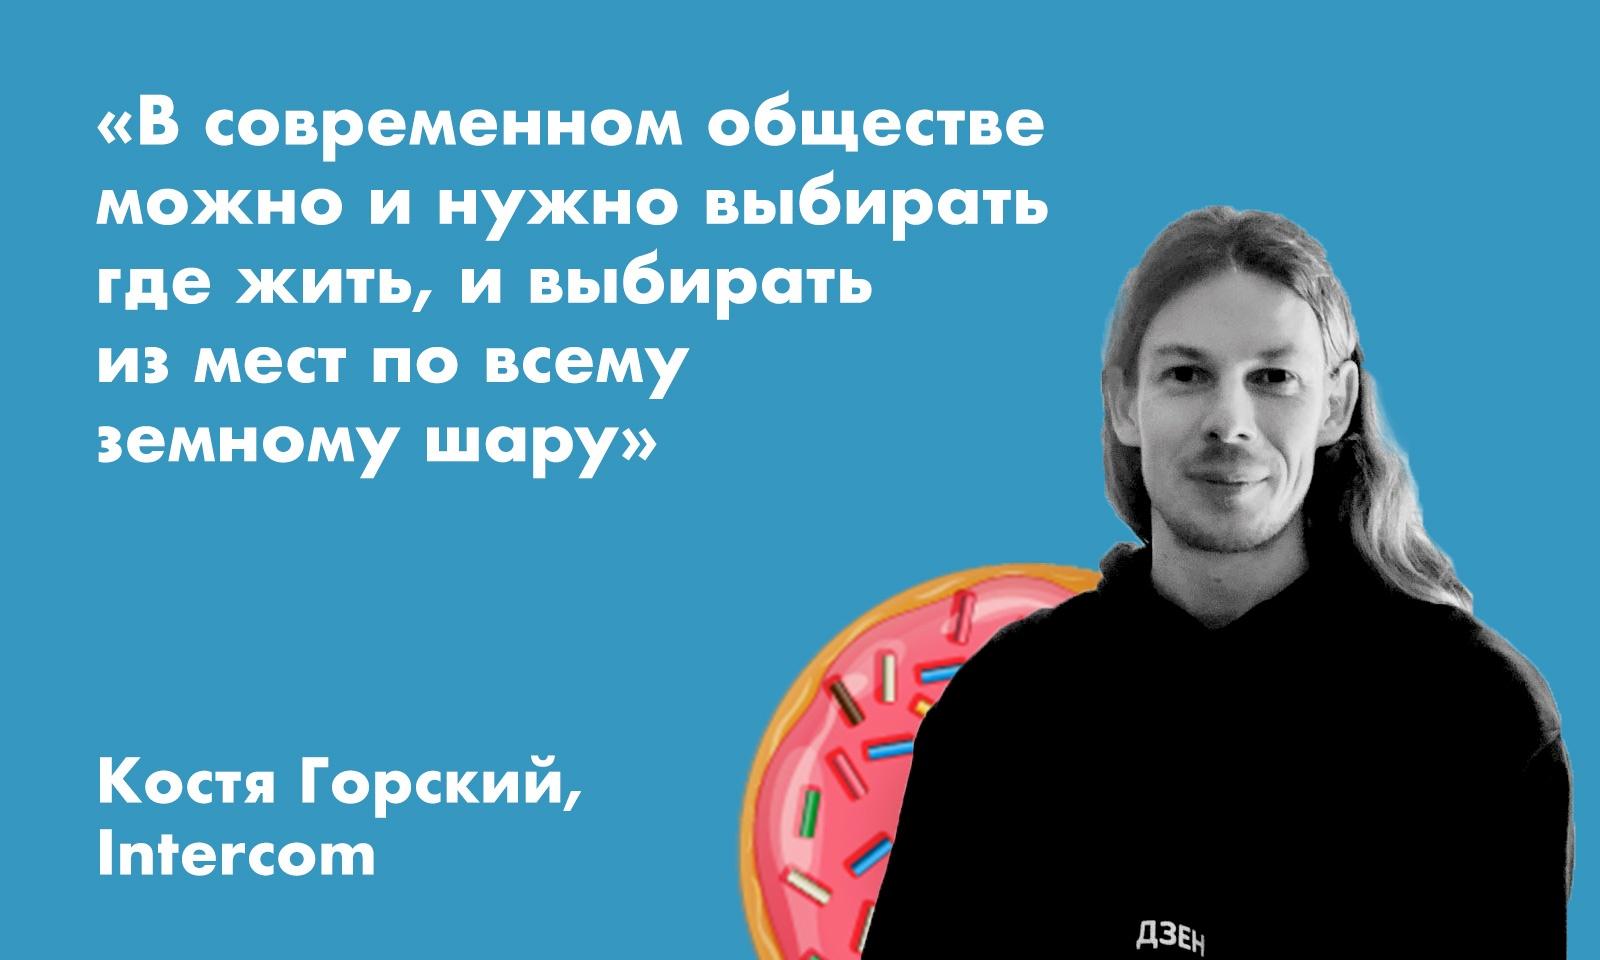 Костя Горский, Intercom: про города и амбиции, продуктовое мышление, навыки для дизайнеров и саморазвитие - 1